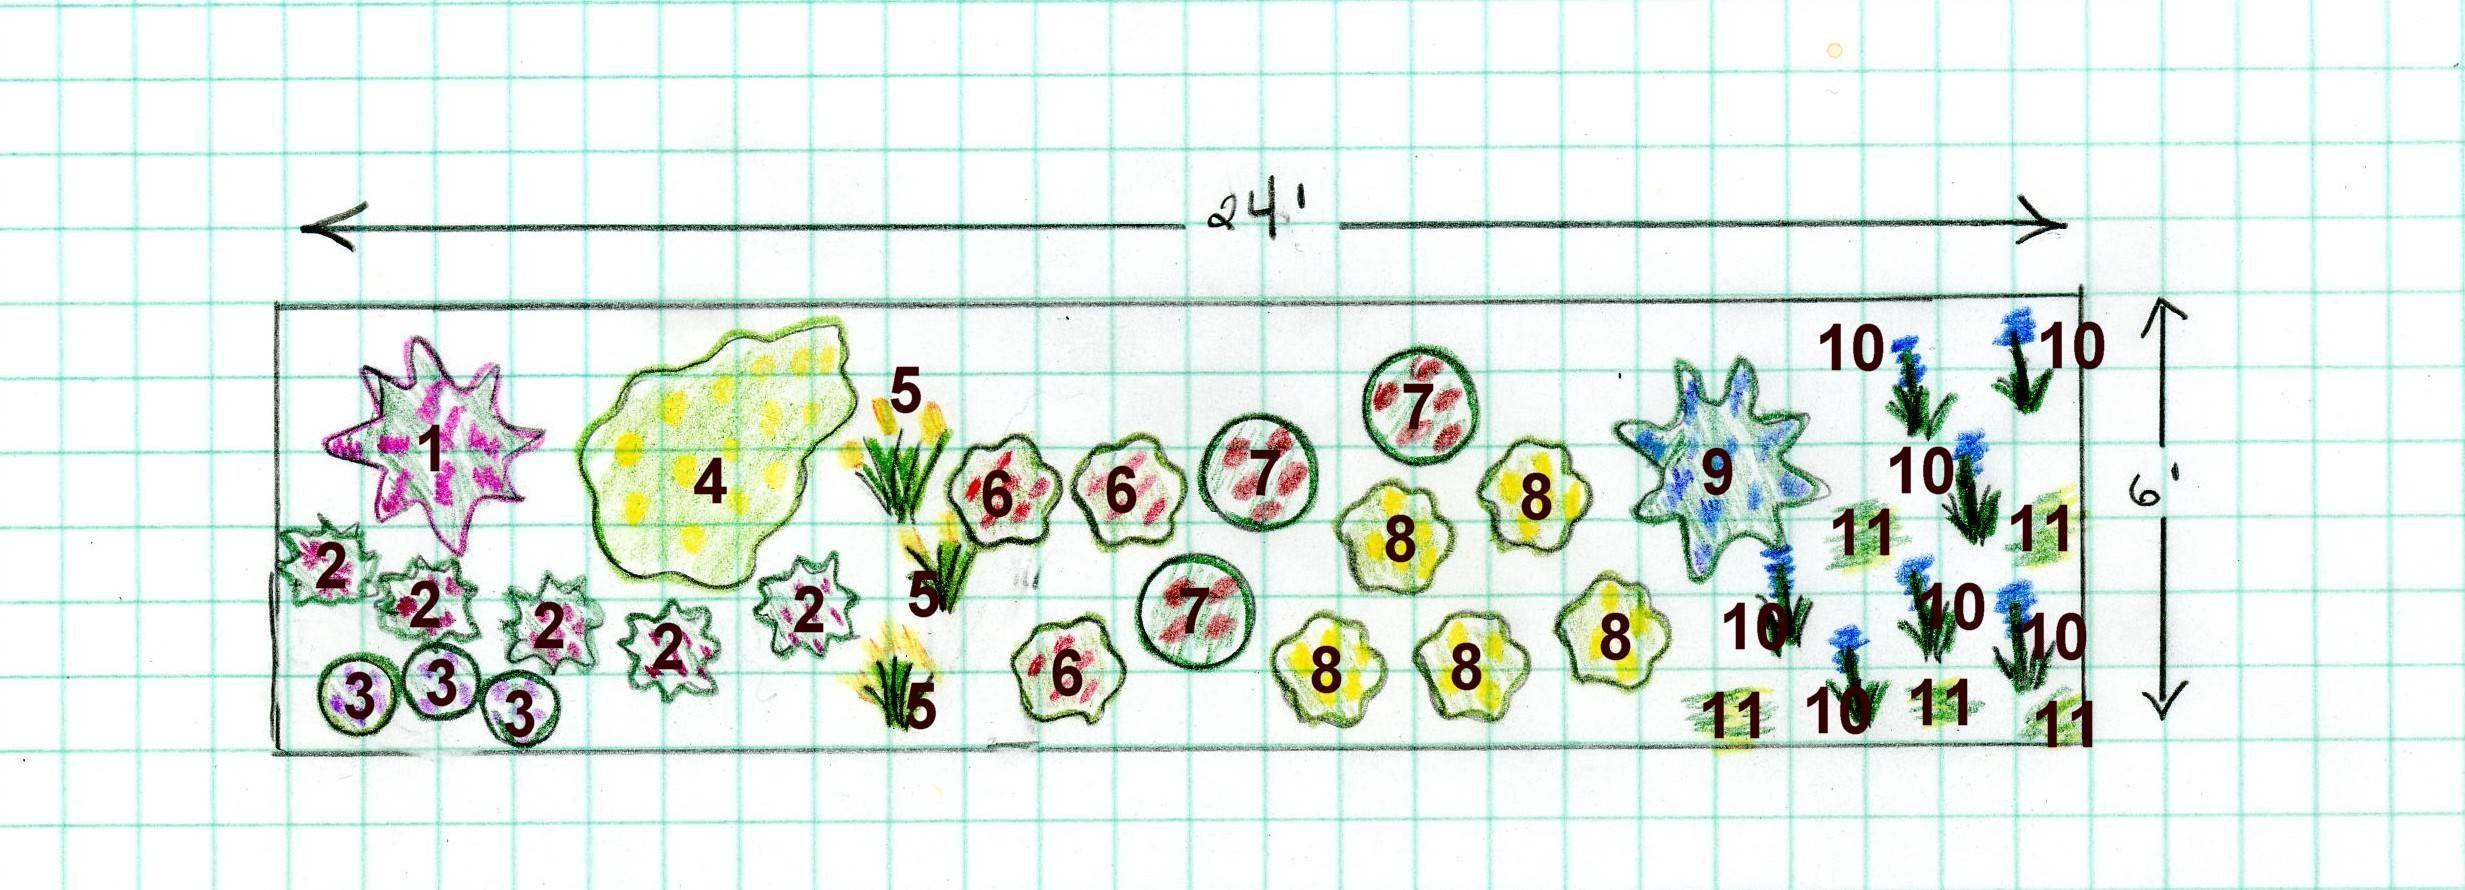 Best 25+ Sun Perrenials Ideas On Pinterest | Perennial Gardens, Full Sun  Landscaping And Outdoor Flowers